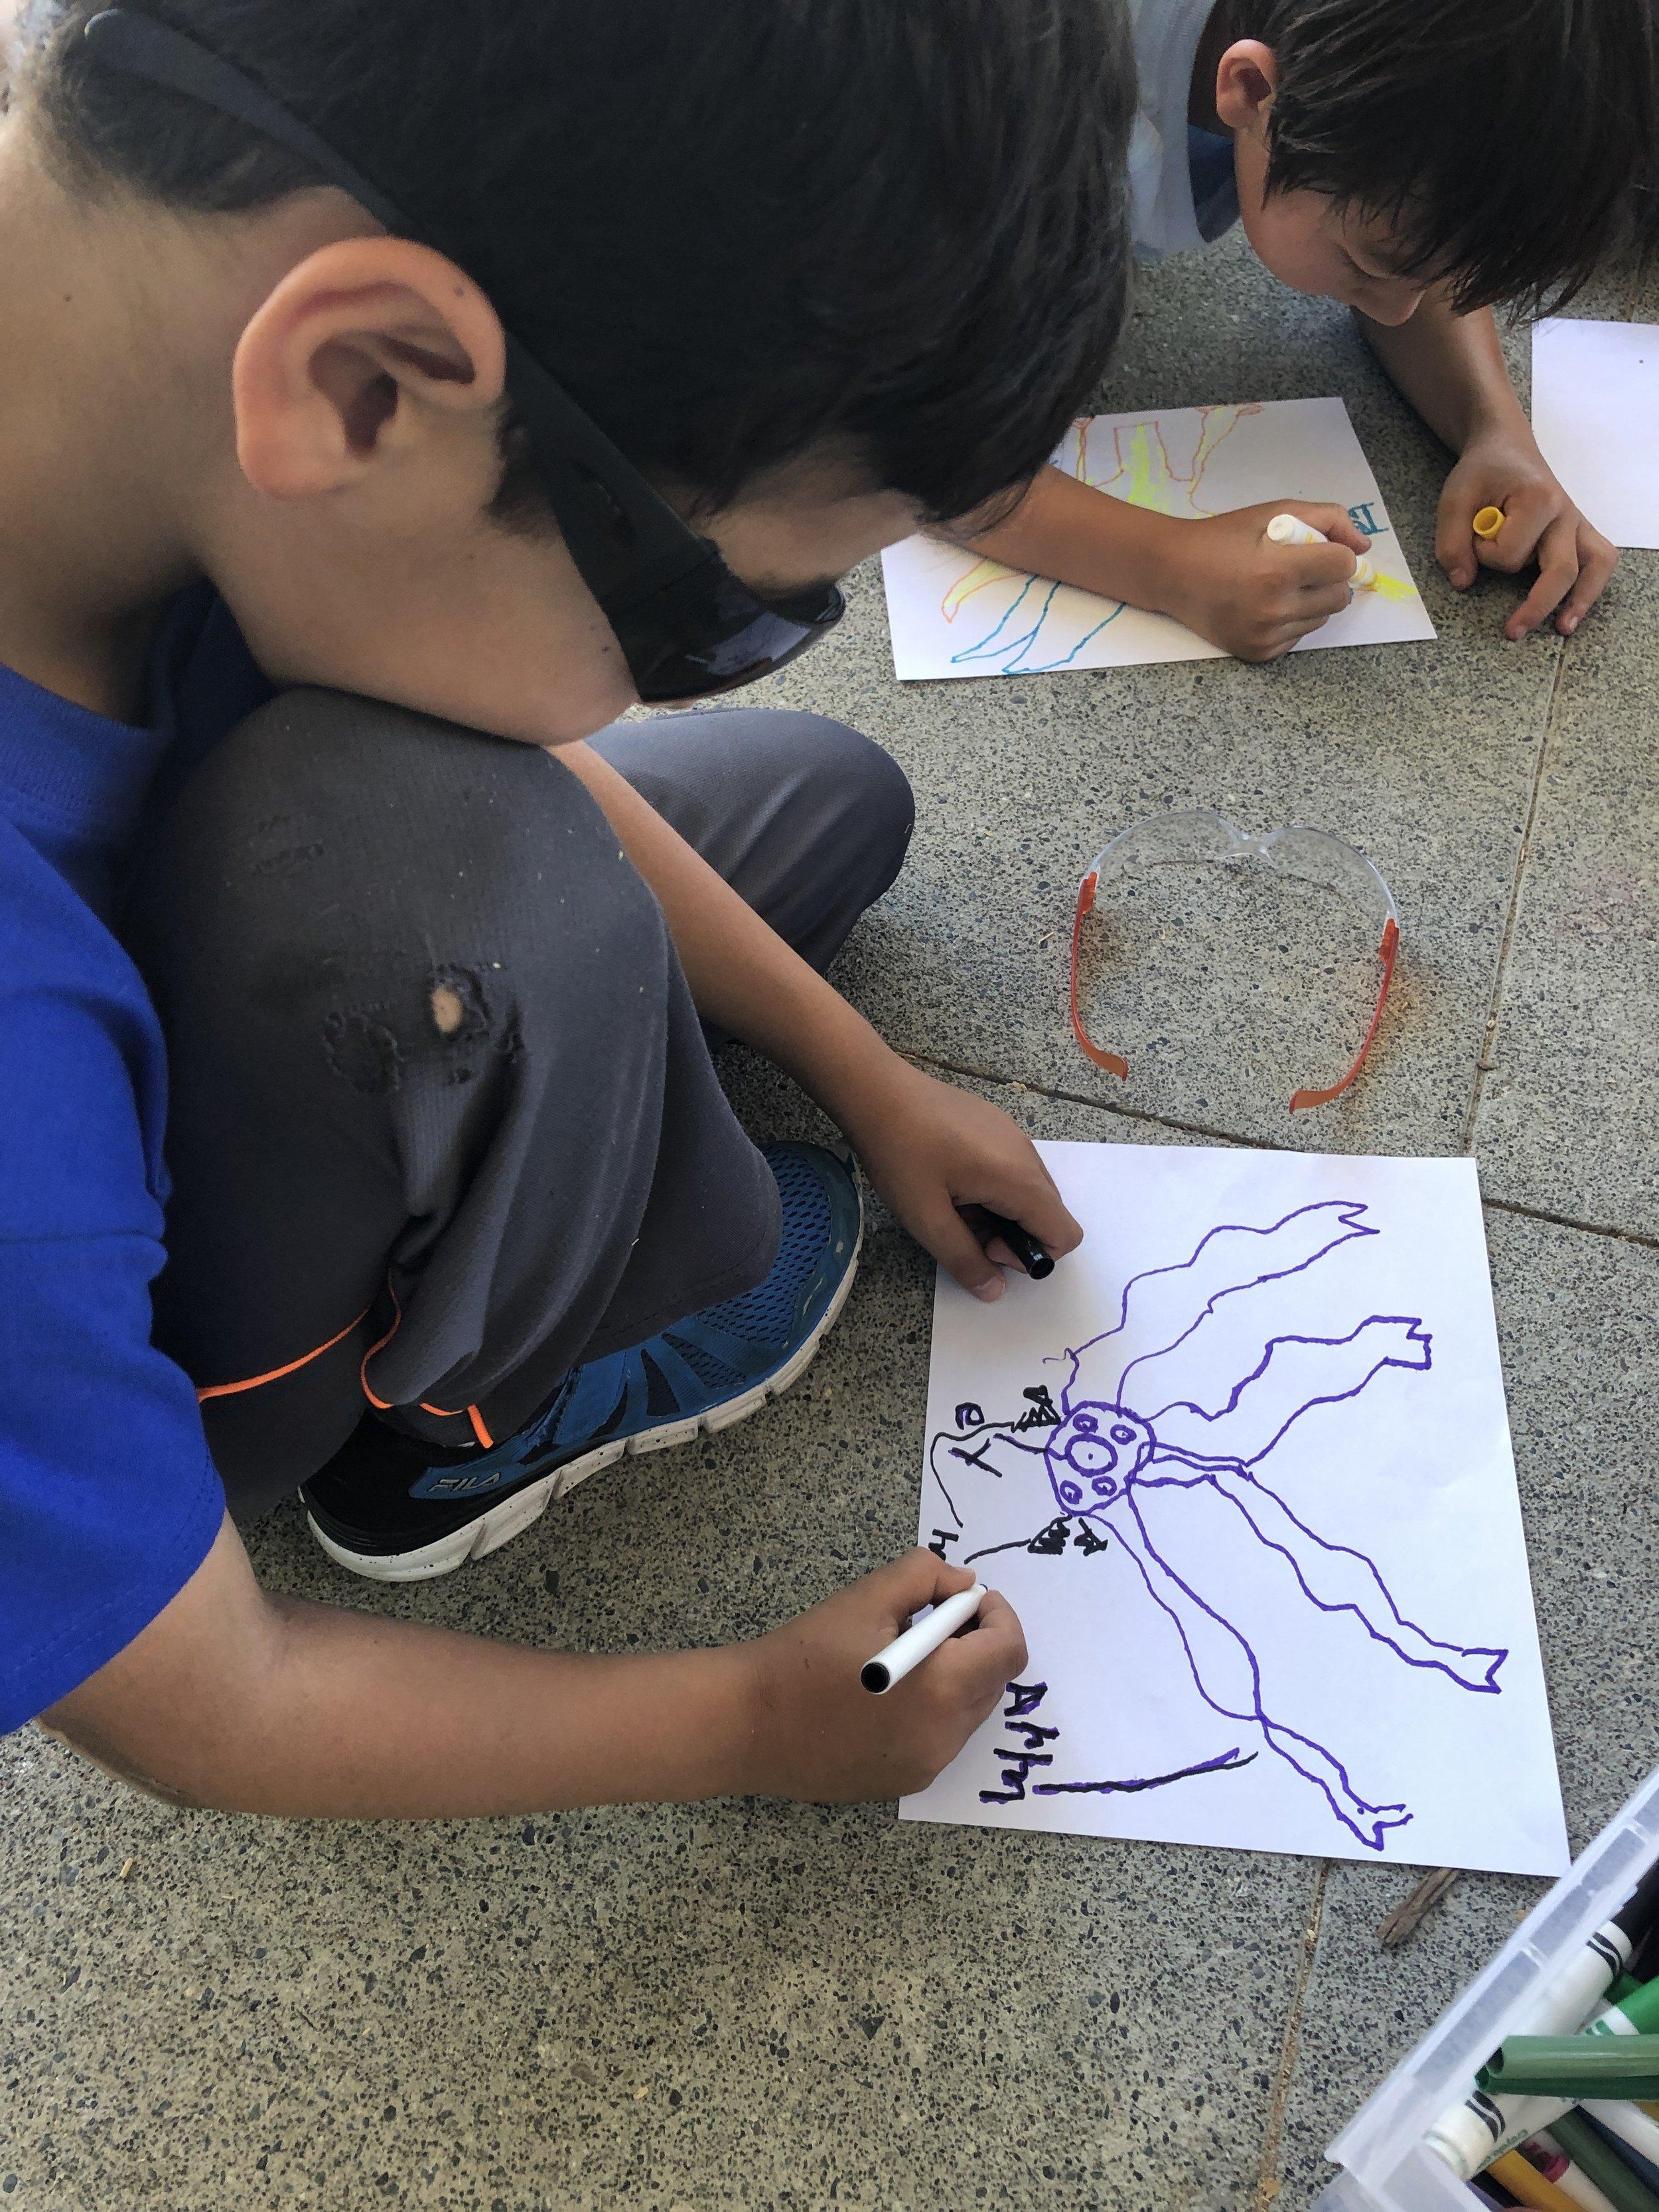 sea monster sketch.JPG